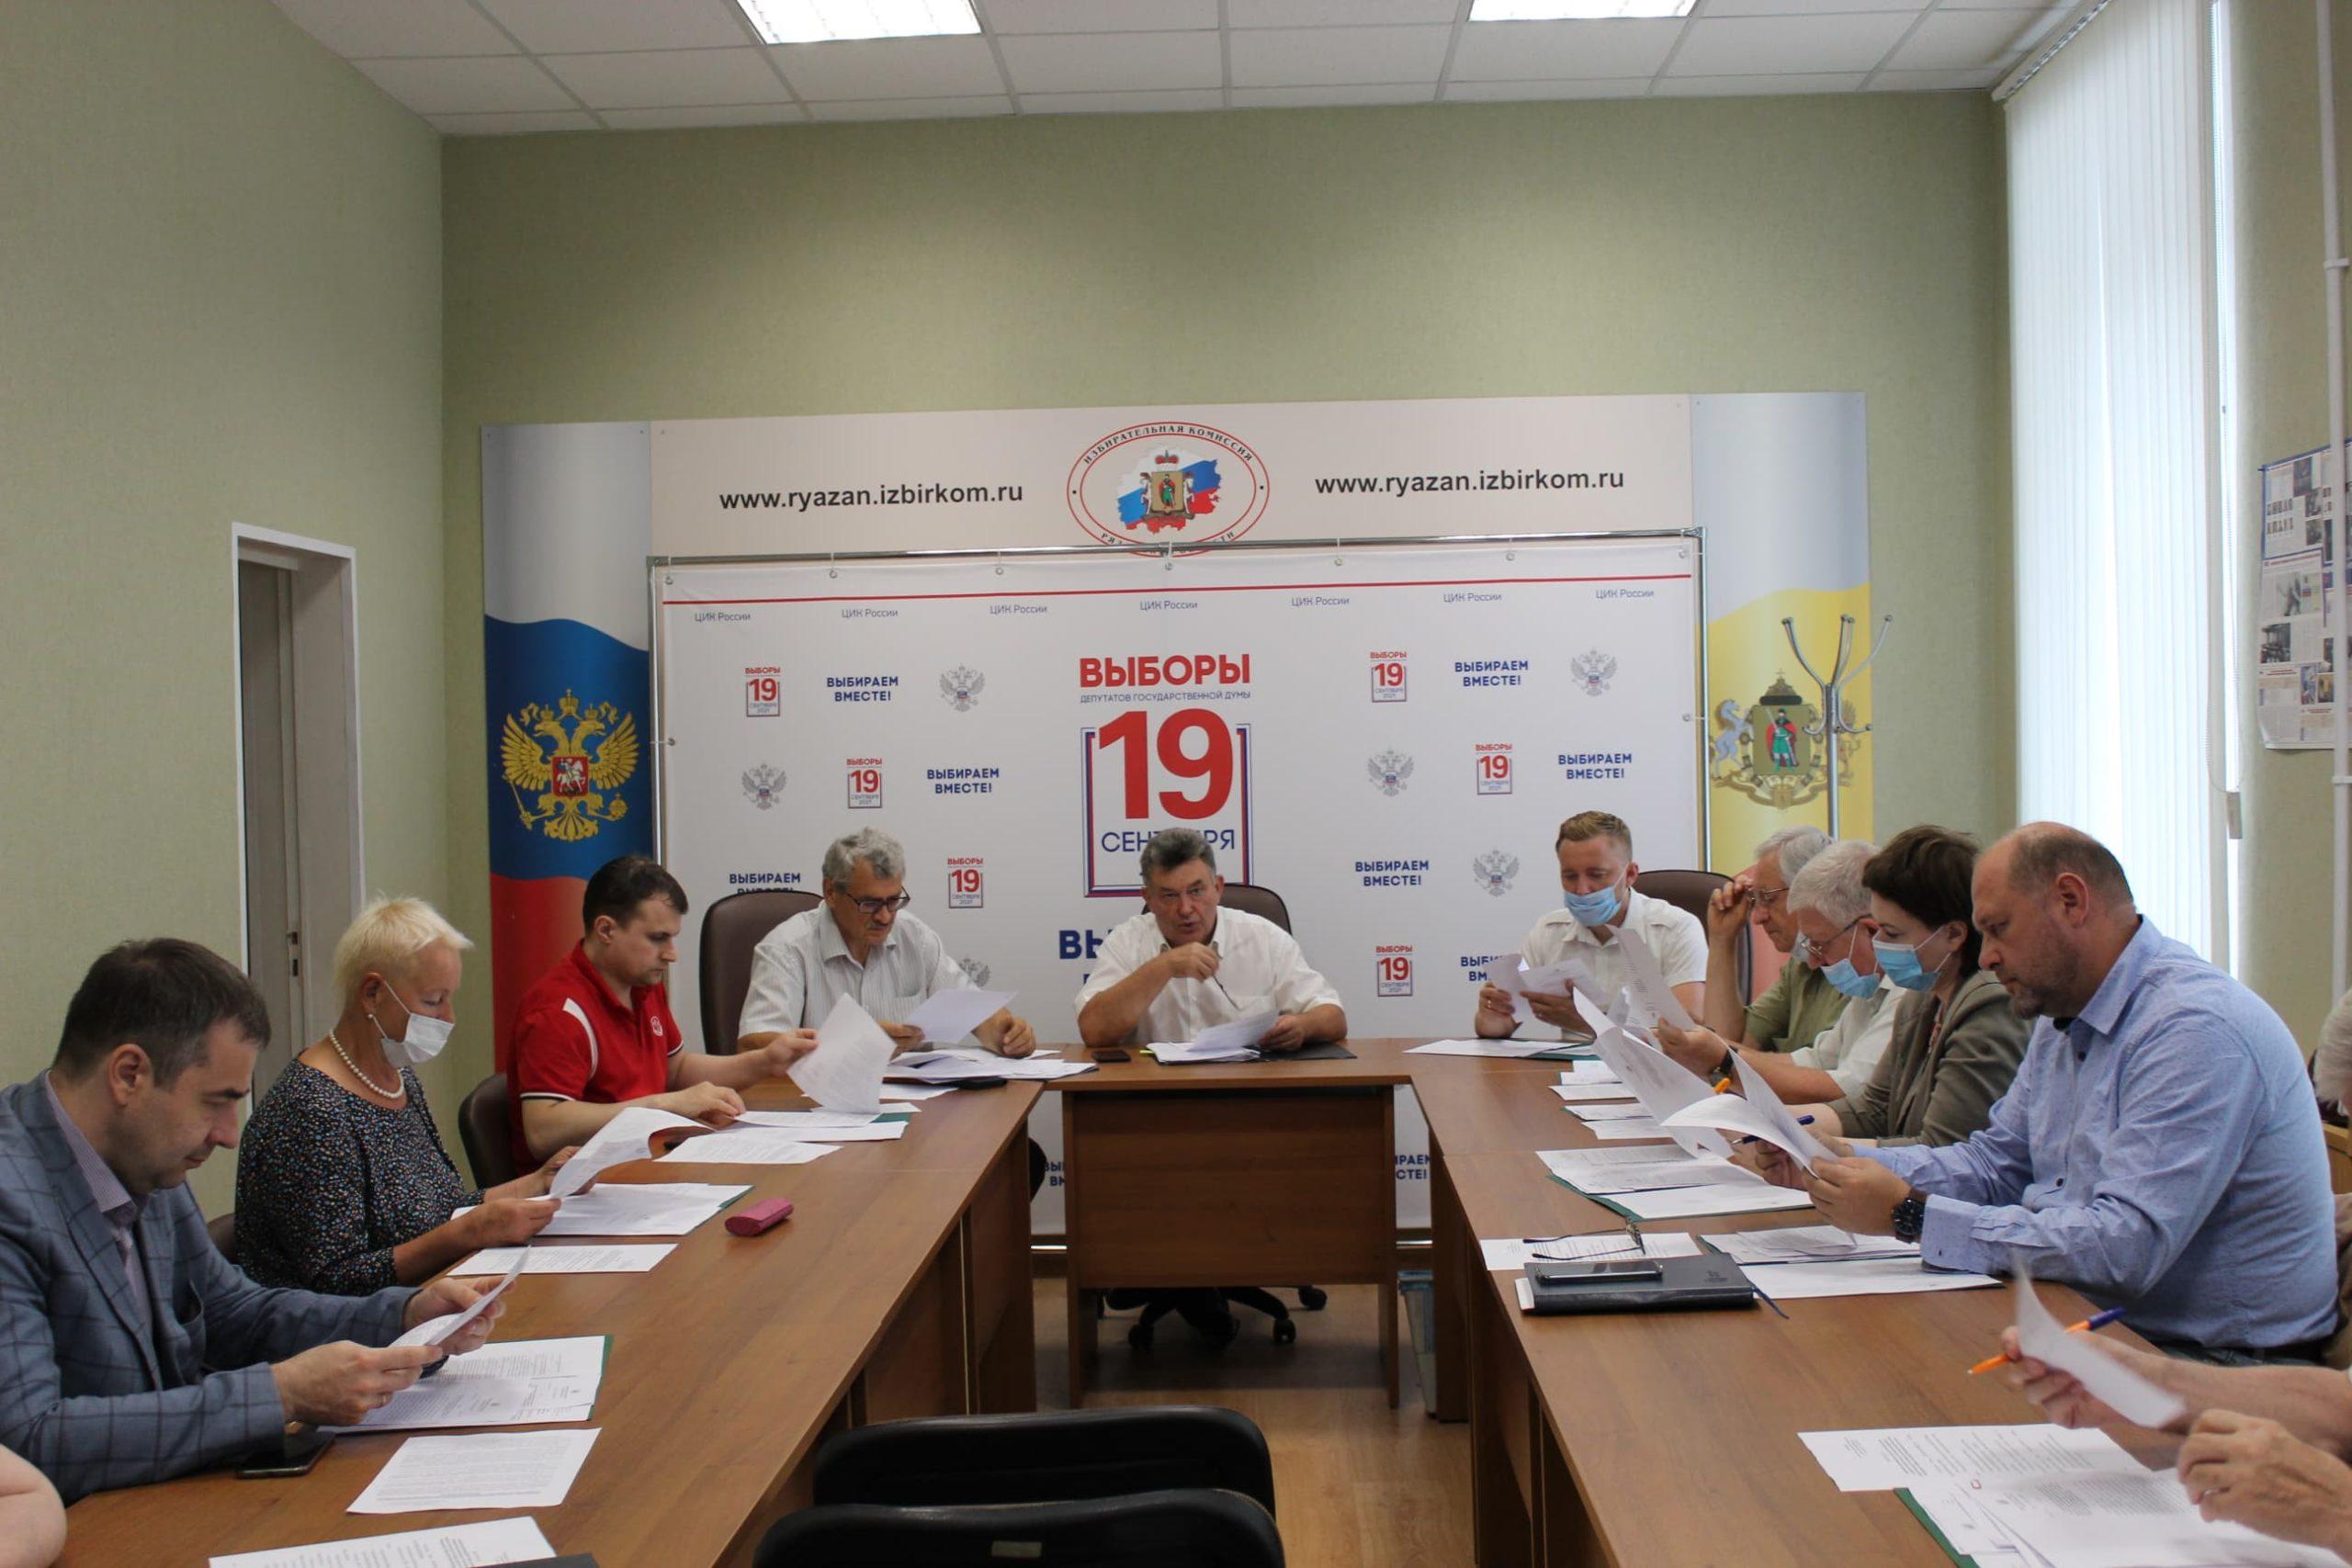 Жеребьевка партий на выборах в госдуму в рязани 2021